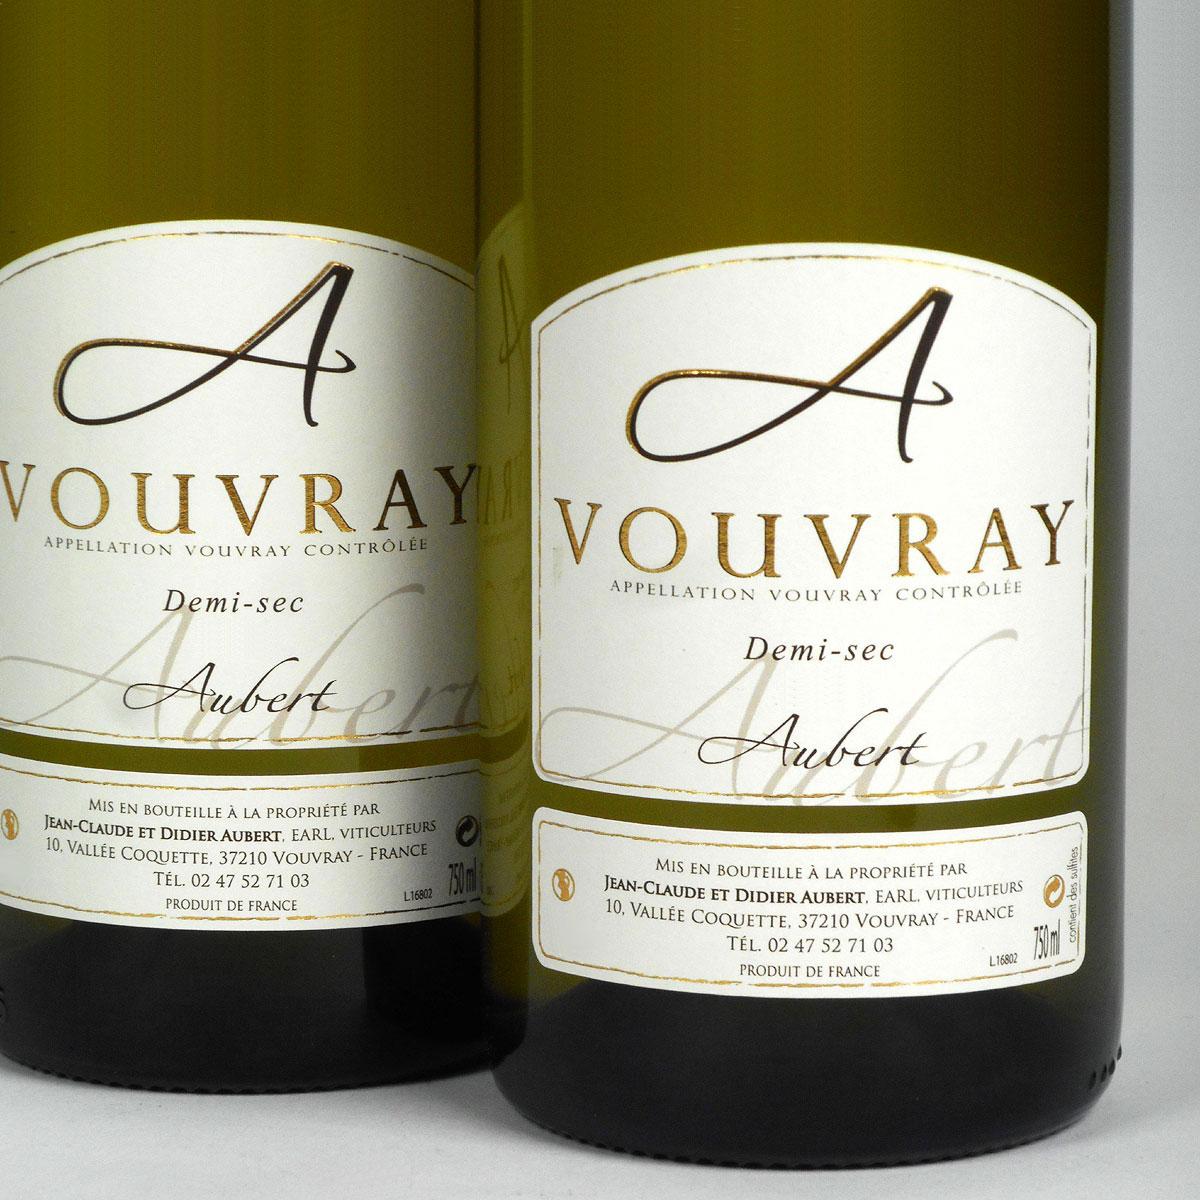 Vouvray: Jean-Claude & Didier Aubert Demi-Sec